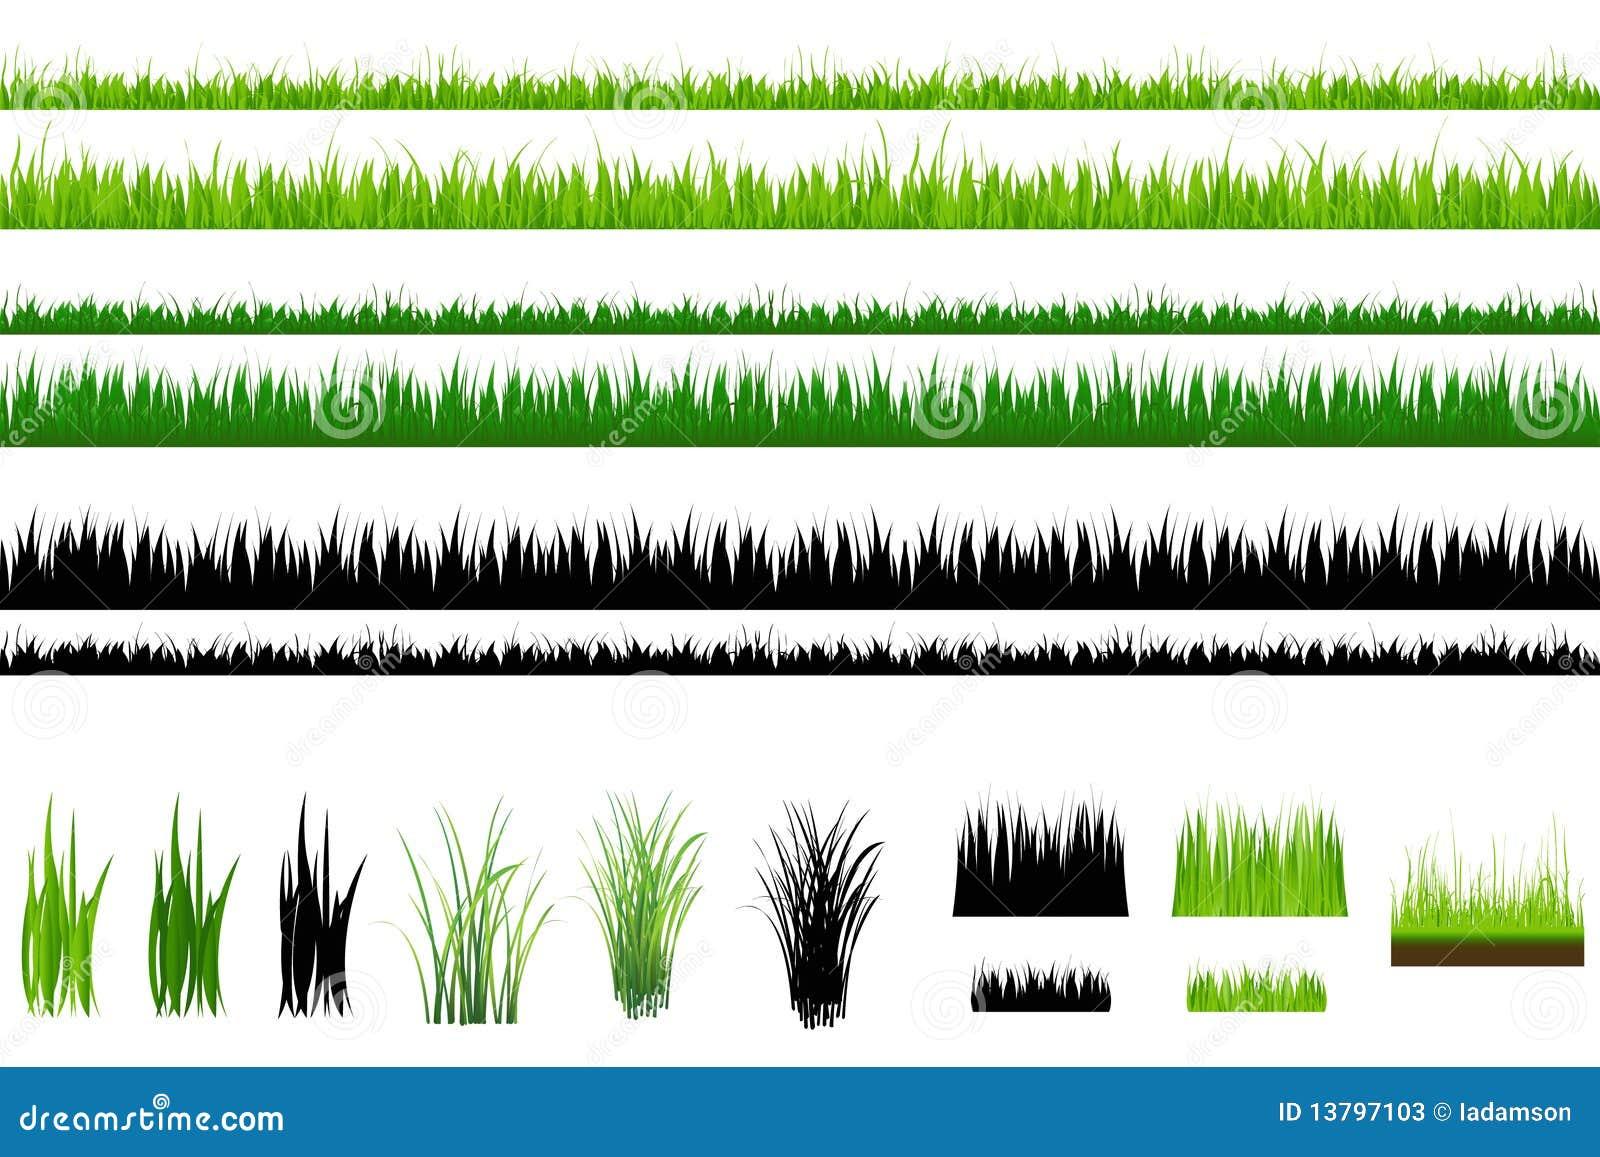 Coleção da grama, isolada no branco. Vetor